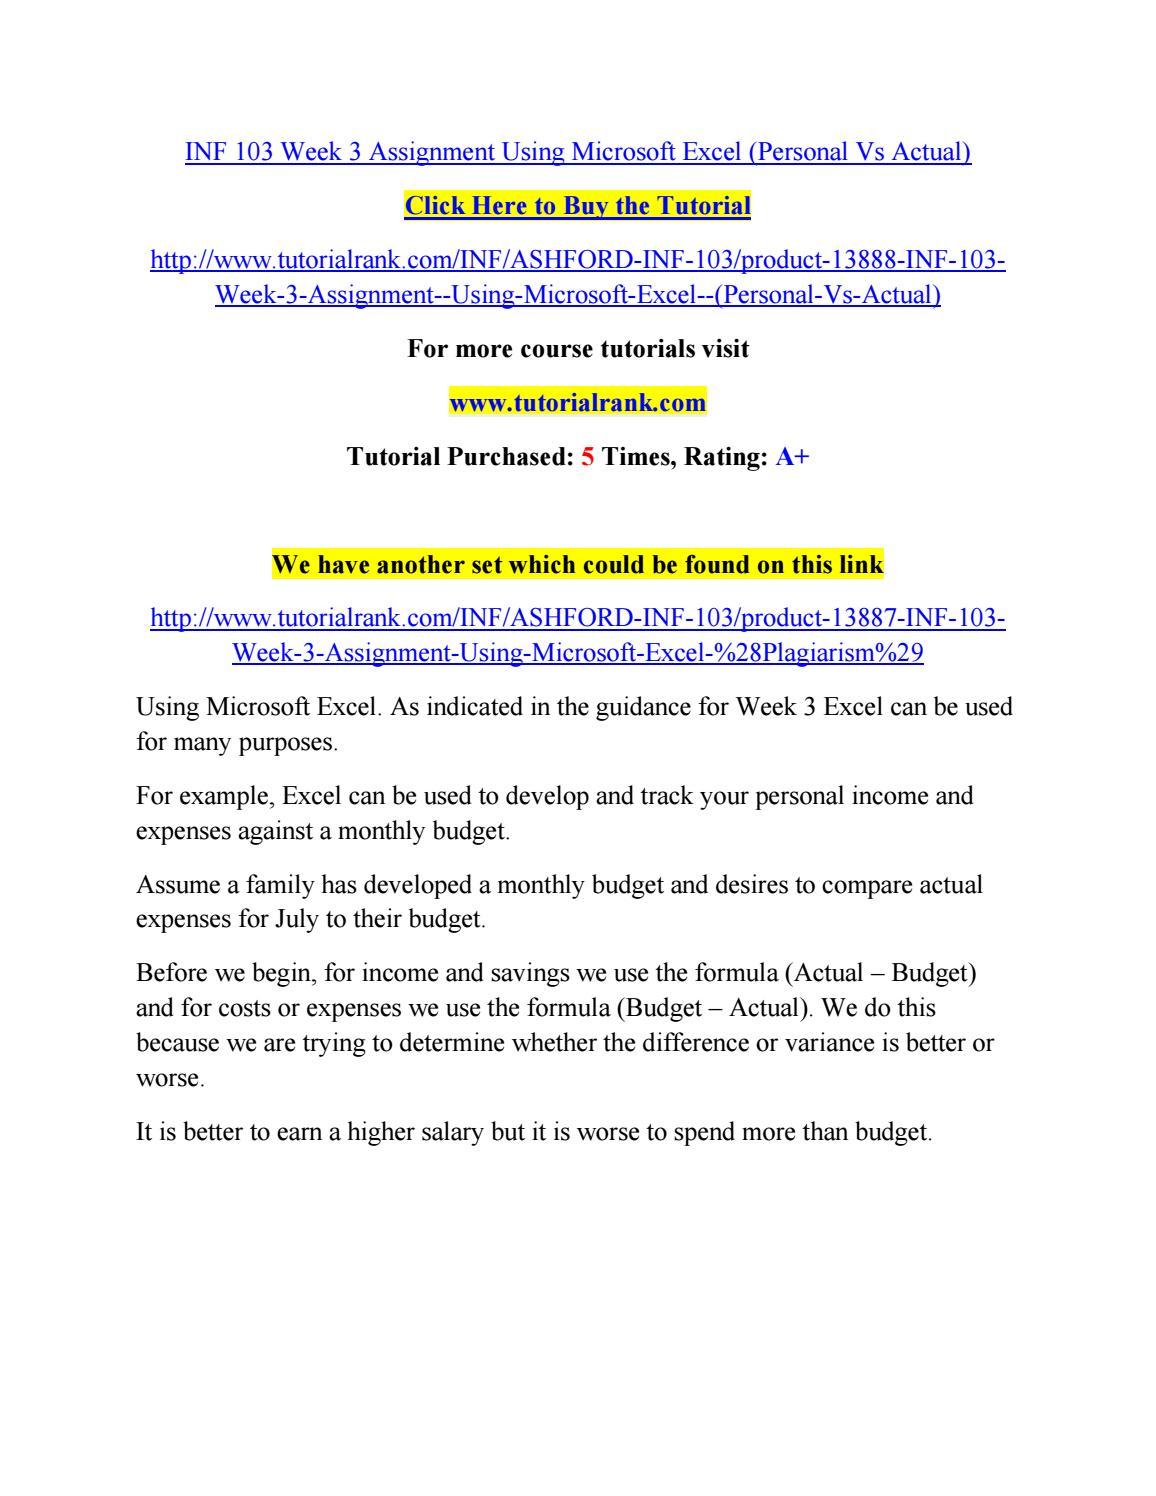 INFS1200 – Assignment 1, part 2